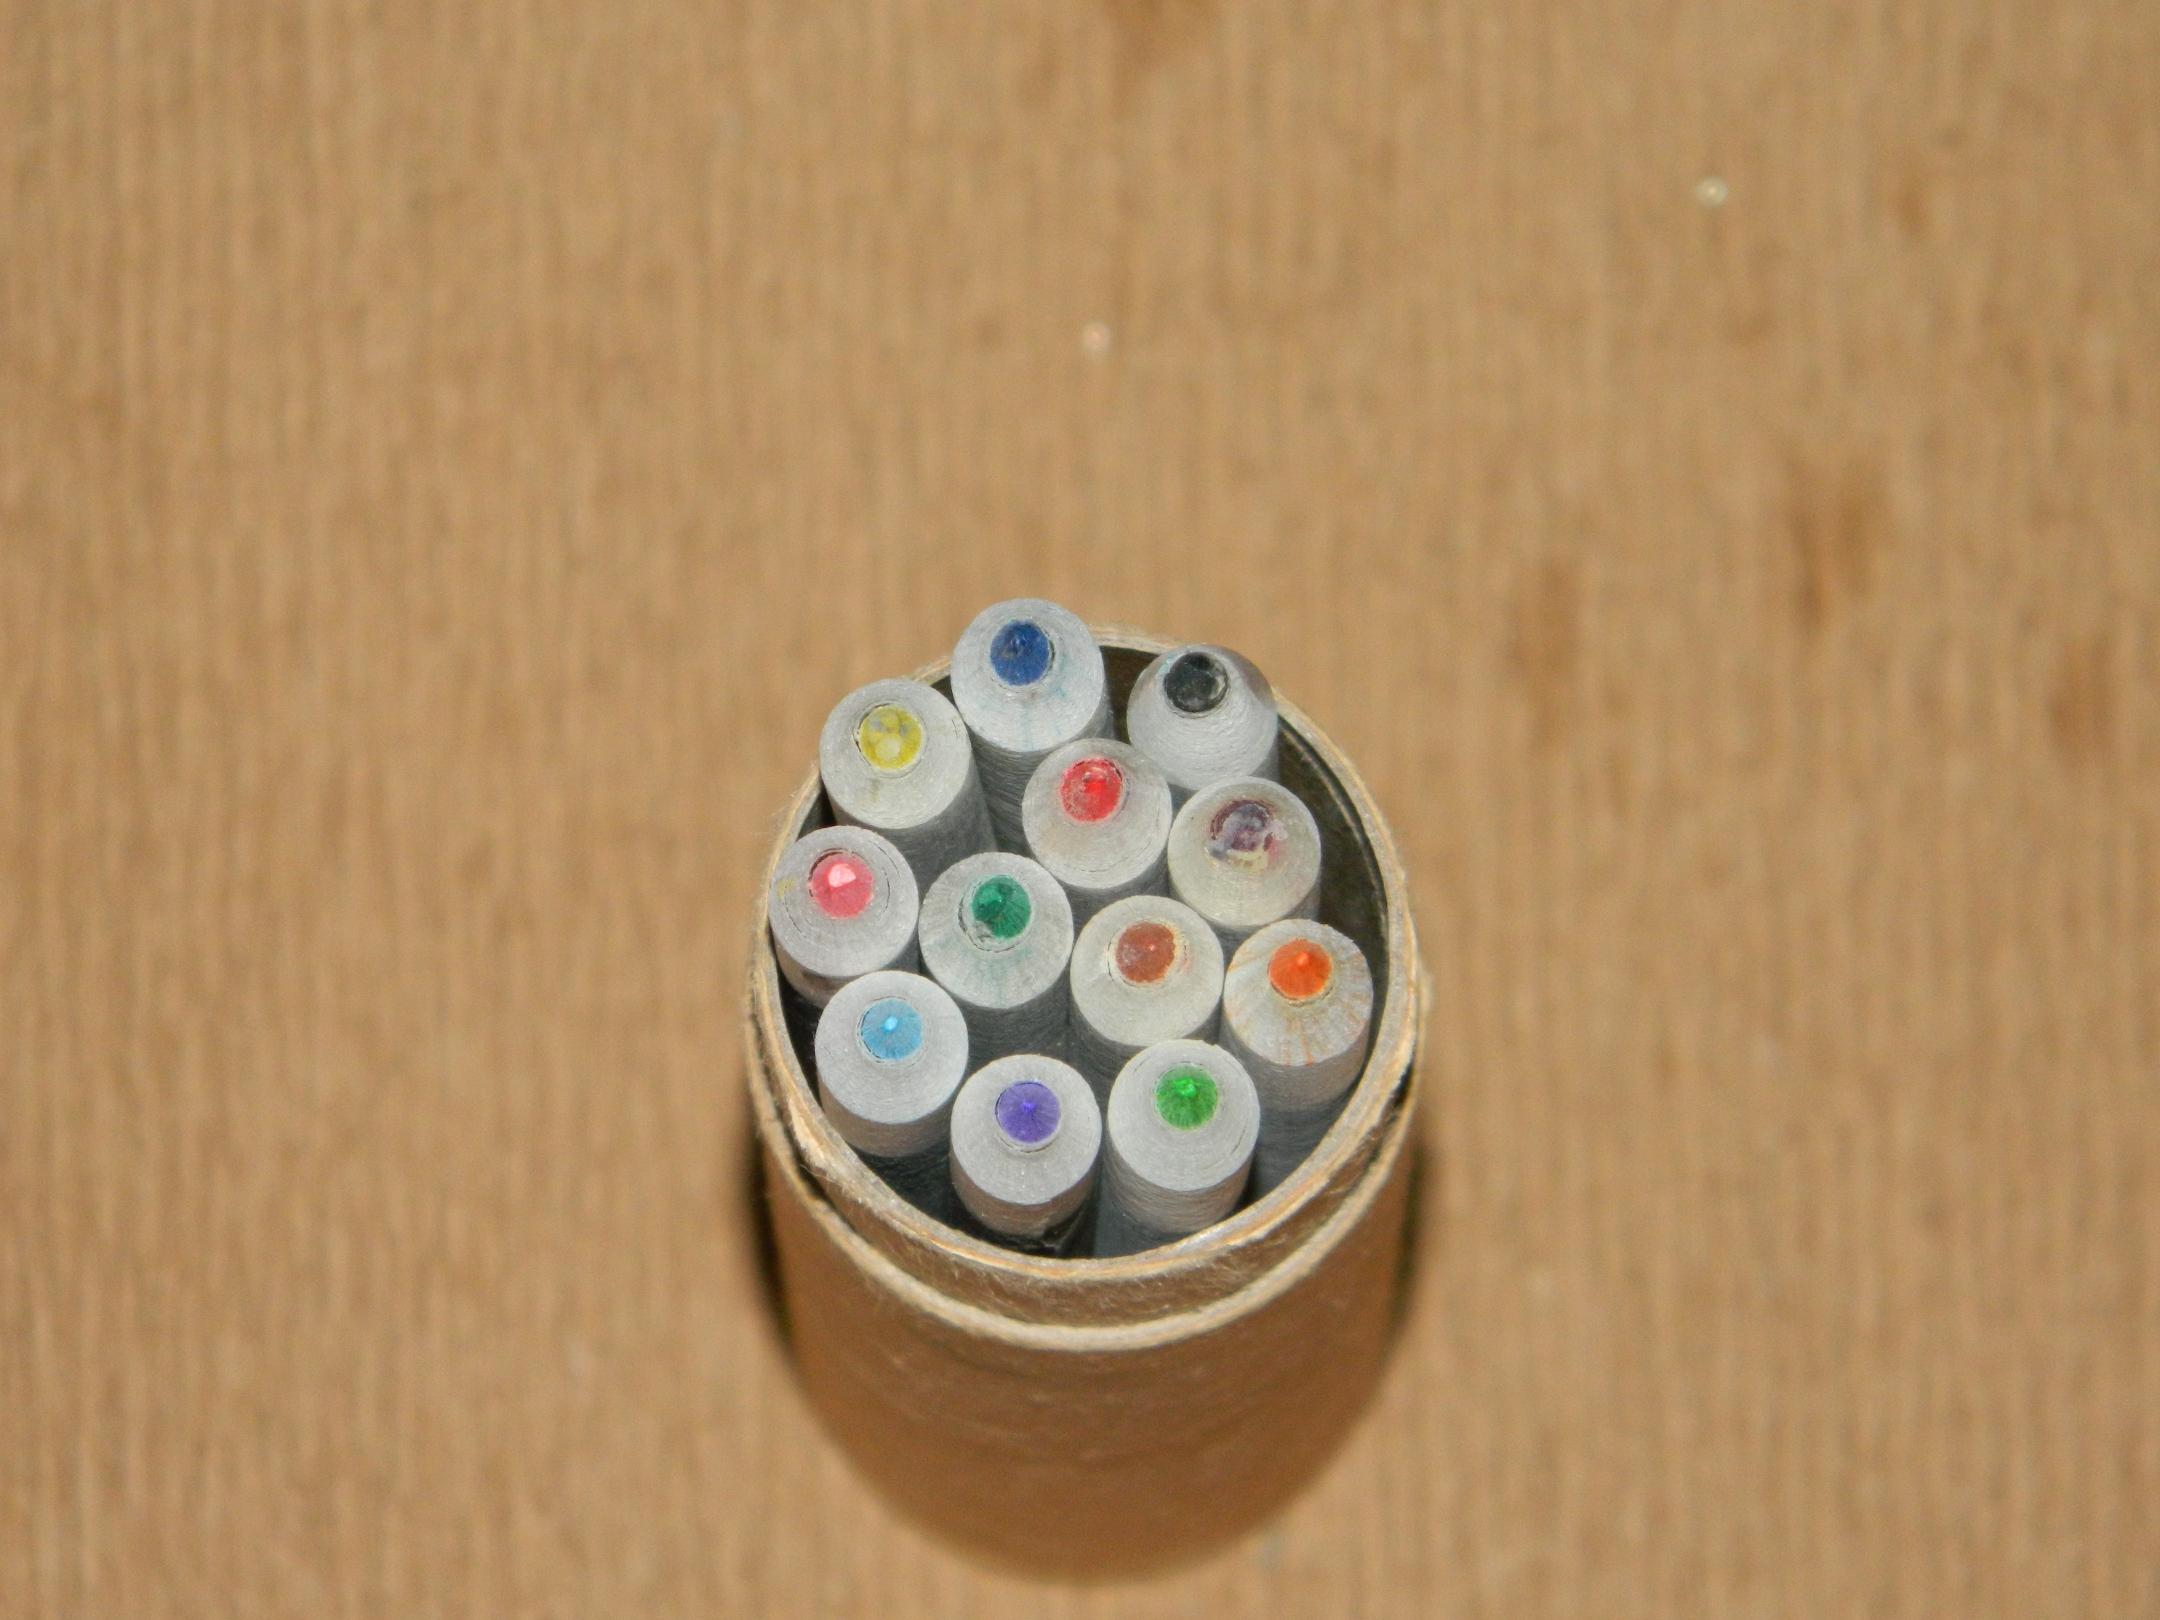 Colorful Art Pencils, Art, Color, Colorful, Colors, HQ Photo